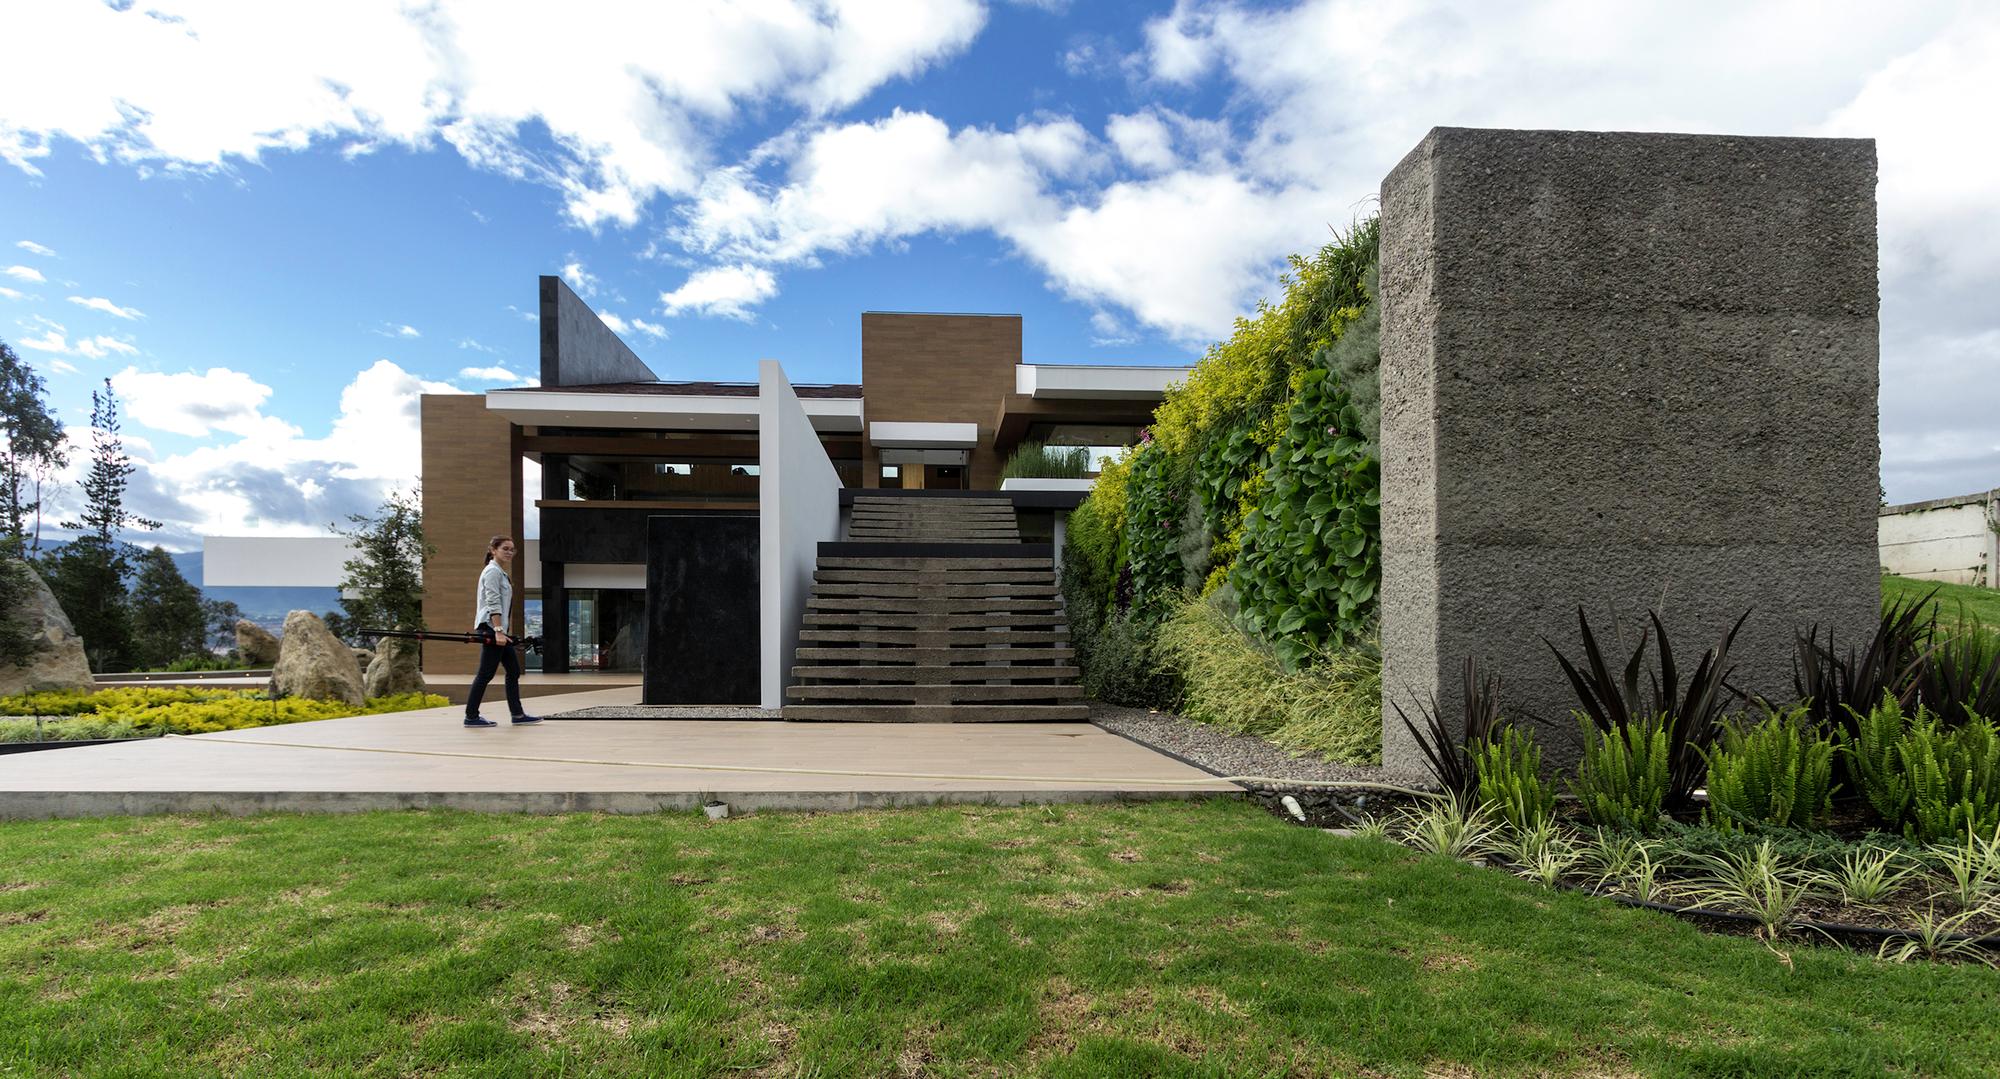 Oficinas covalco inai paul vazquez plataforma arquitectura for Arquitectura de oficinas modernas